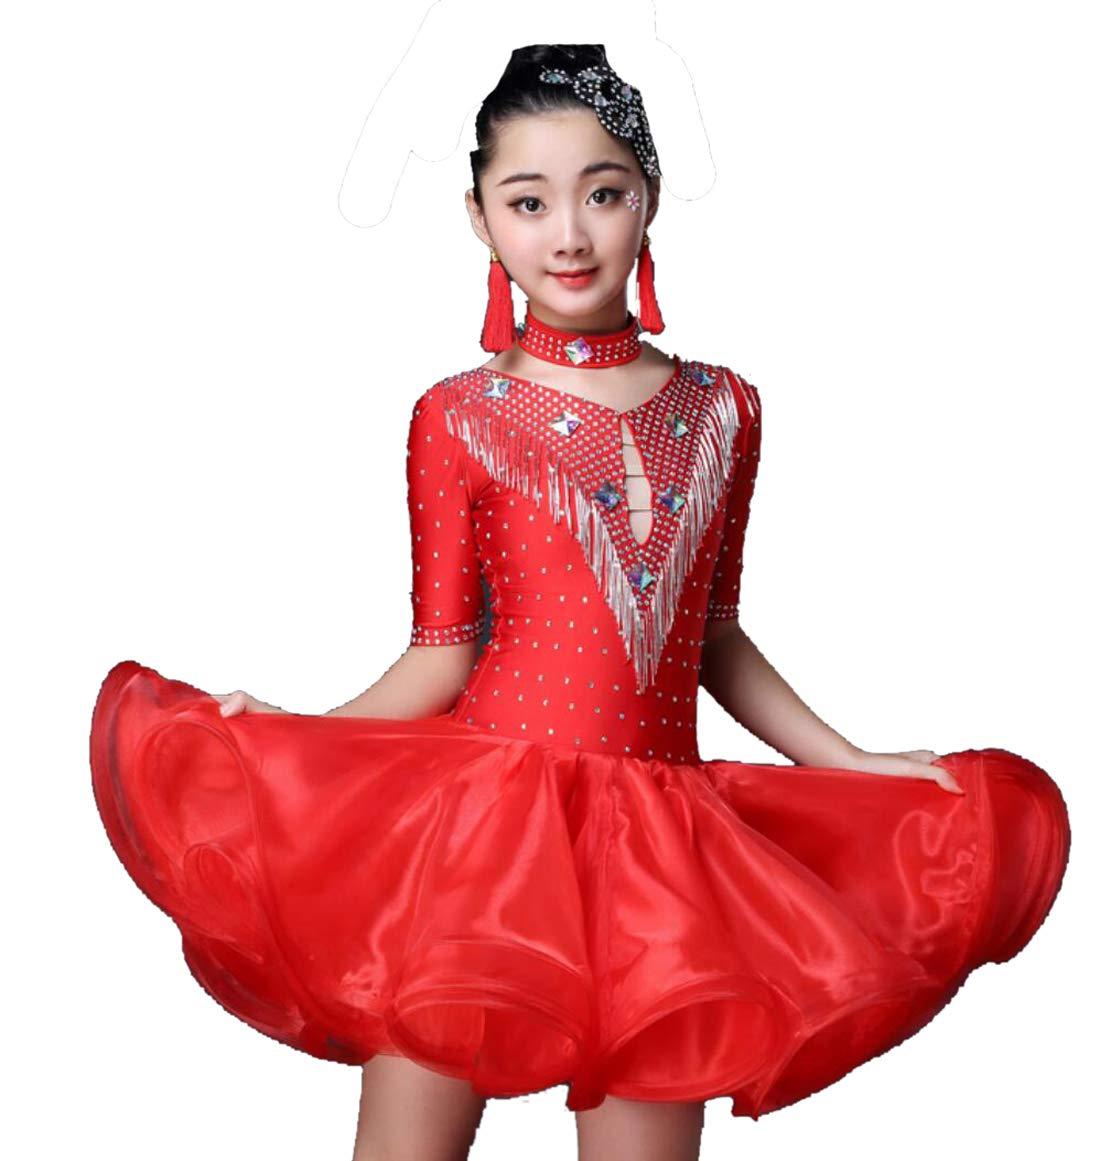 Rouge SMACO Robe de Danse Latine pour Enfants, Robe de Danse Latine Fille pour Enfants 130CM